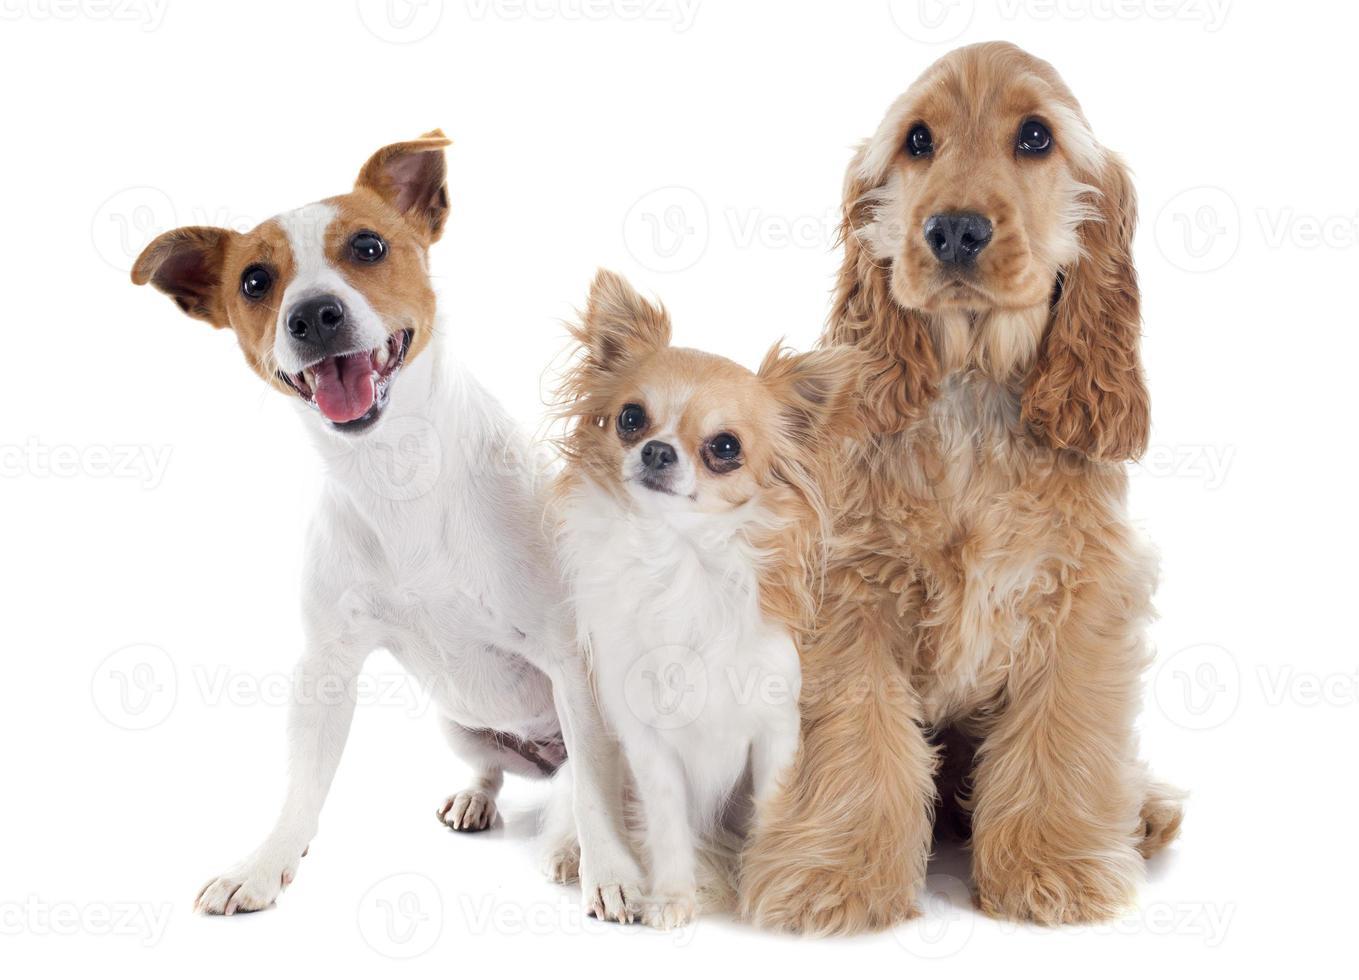 drei kleine Hunde foto